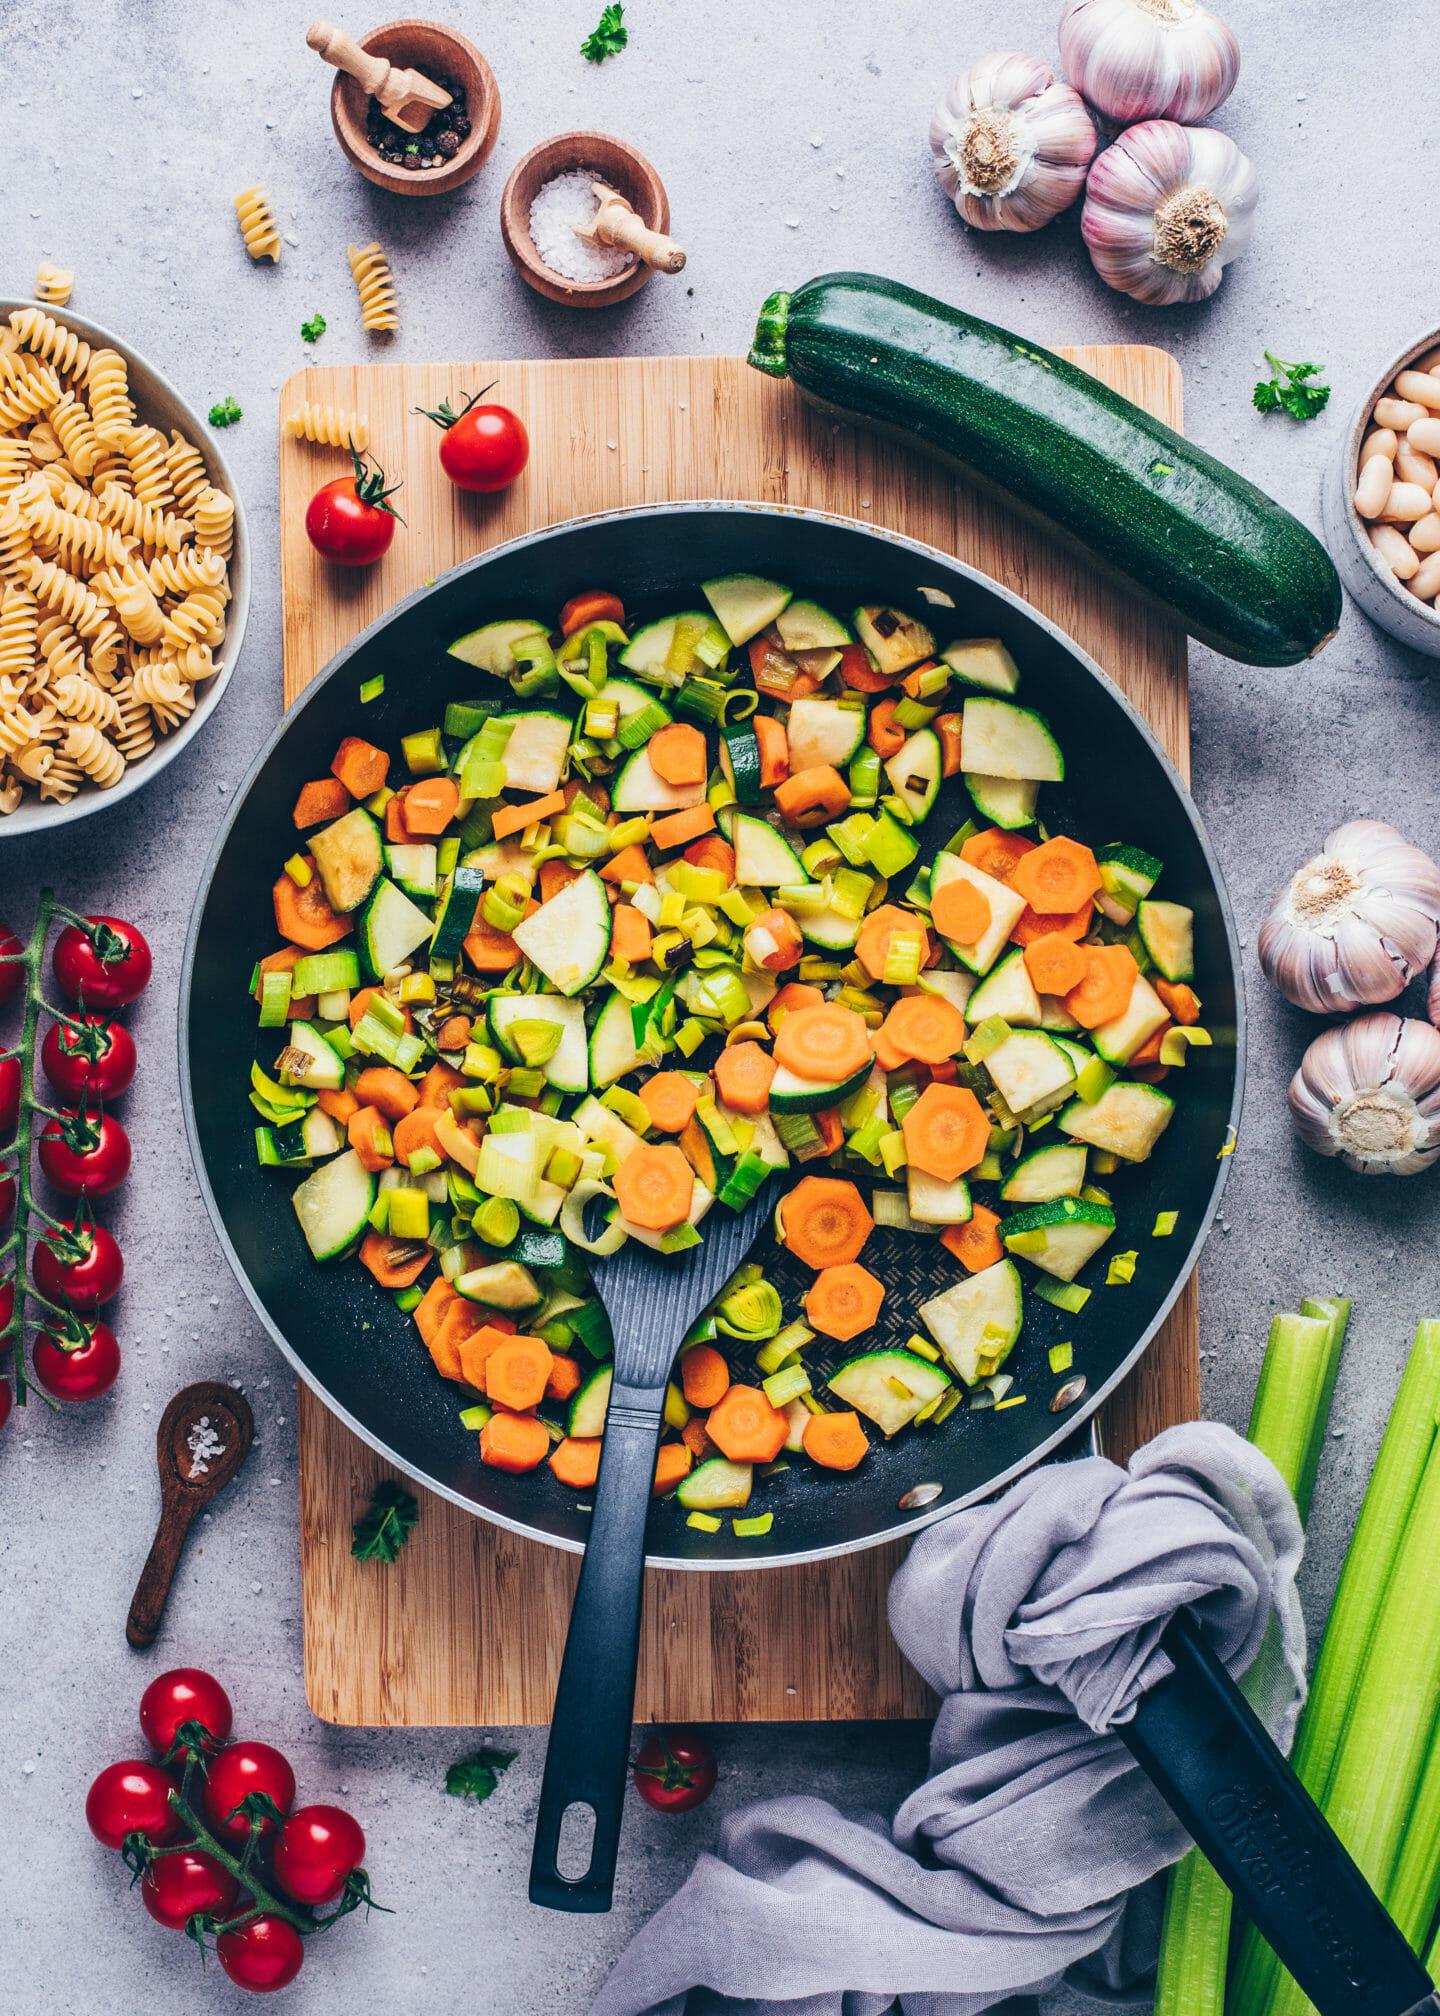 Gedünstetes Gemüse (Karotten, Zucchini, Lauch und Knoblauch)